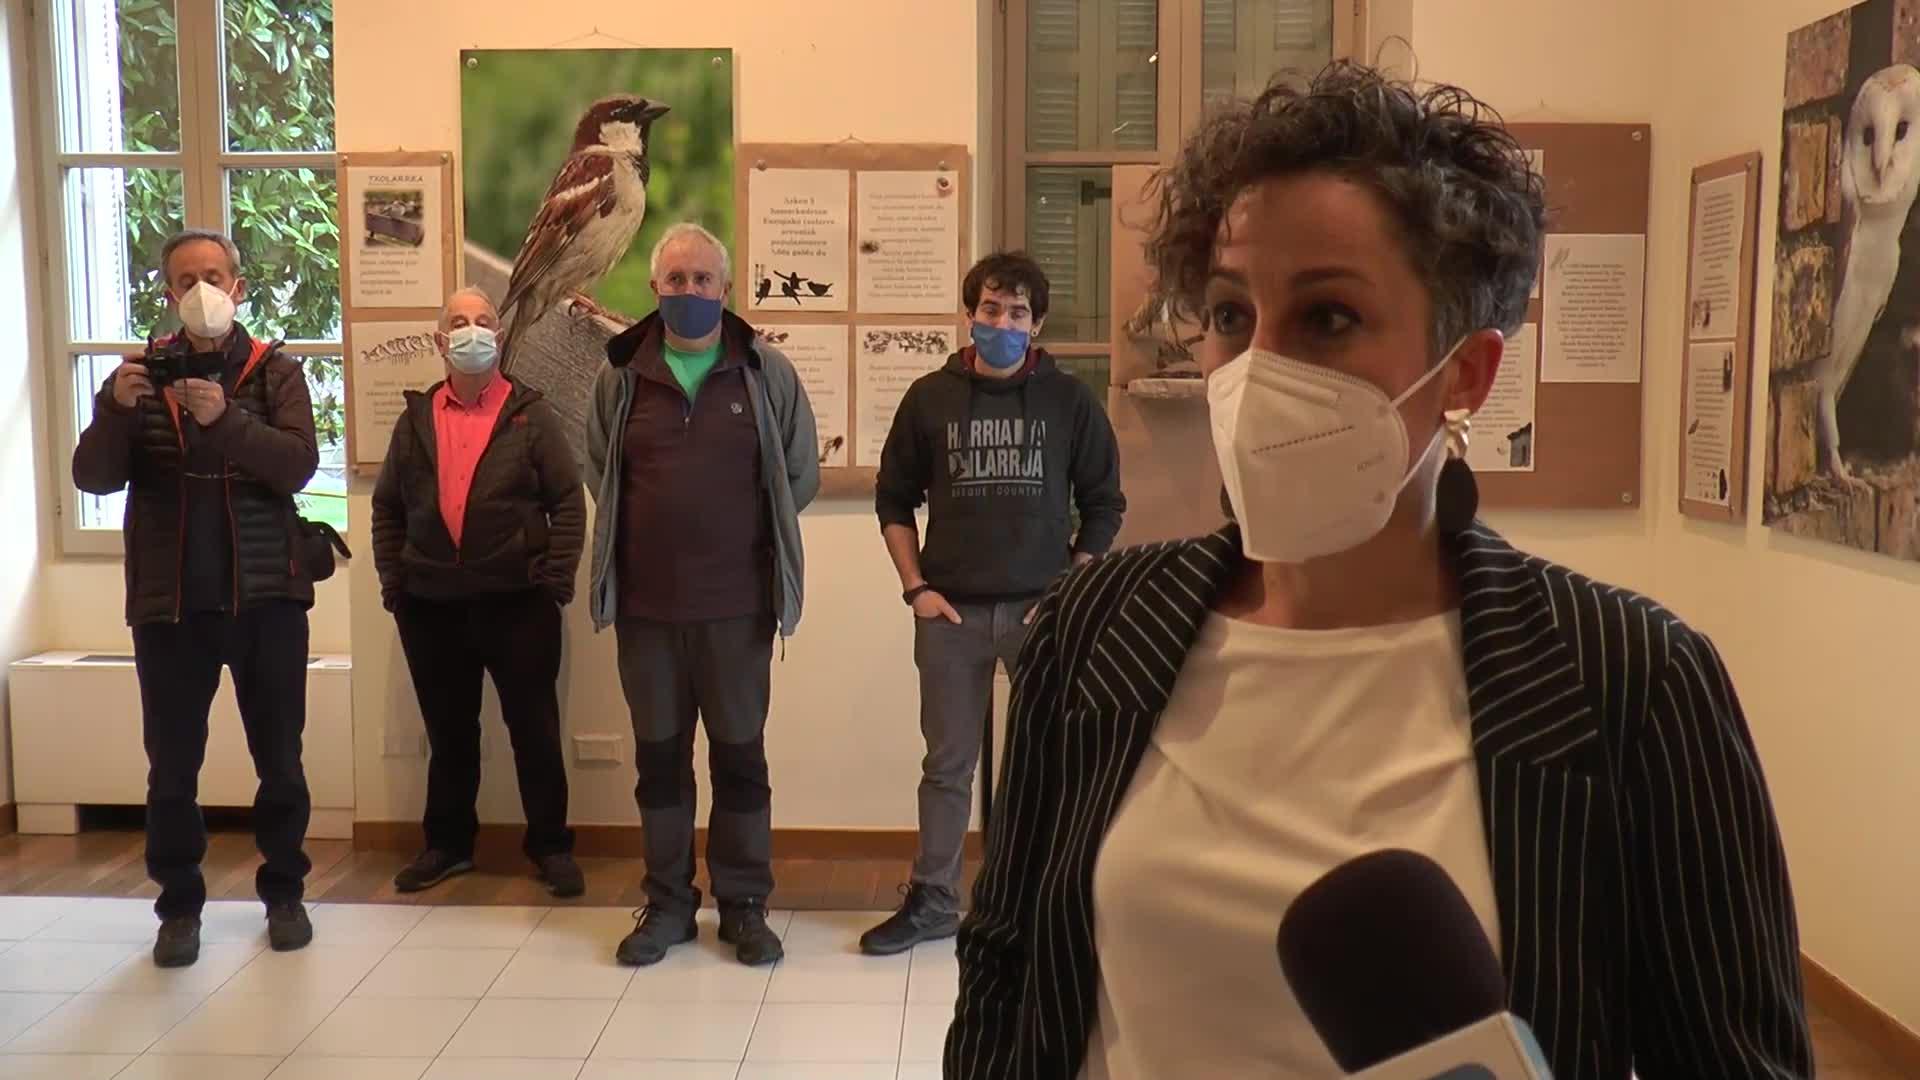 Erakusketa zabaldu dute Sanz Enean, herritarrek Oñatiko herriguneko biodibertsitatea ezagutzeko